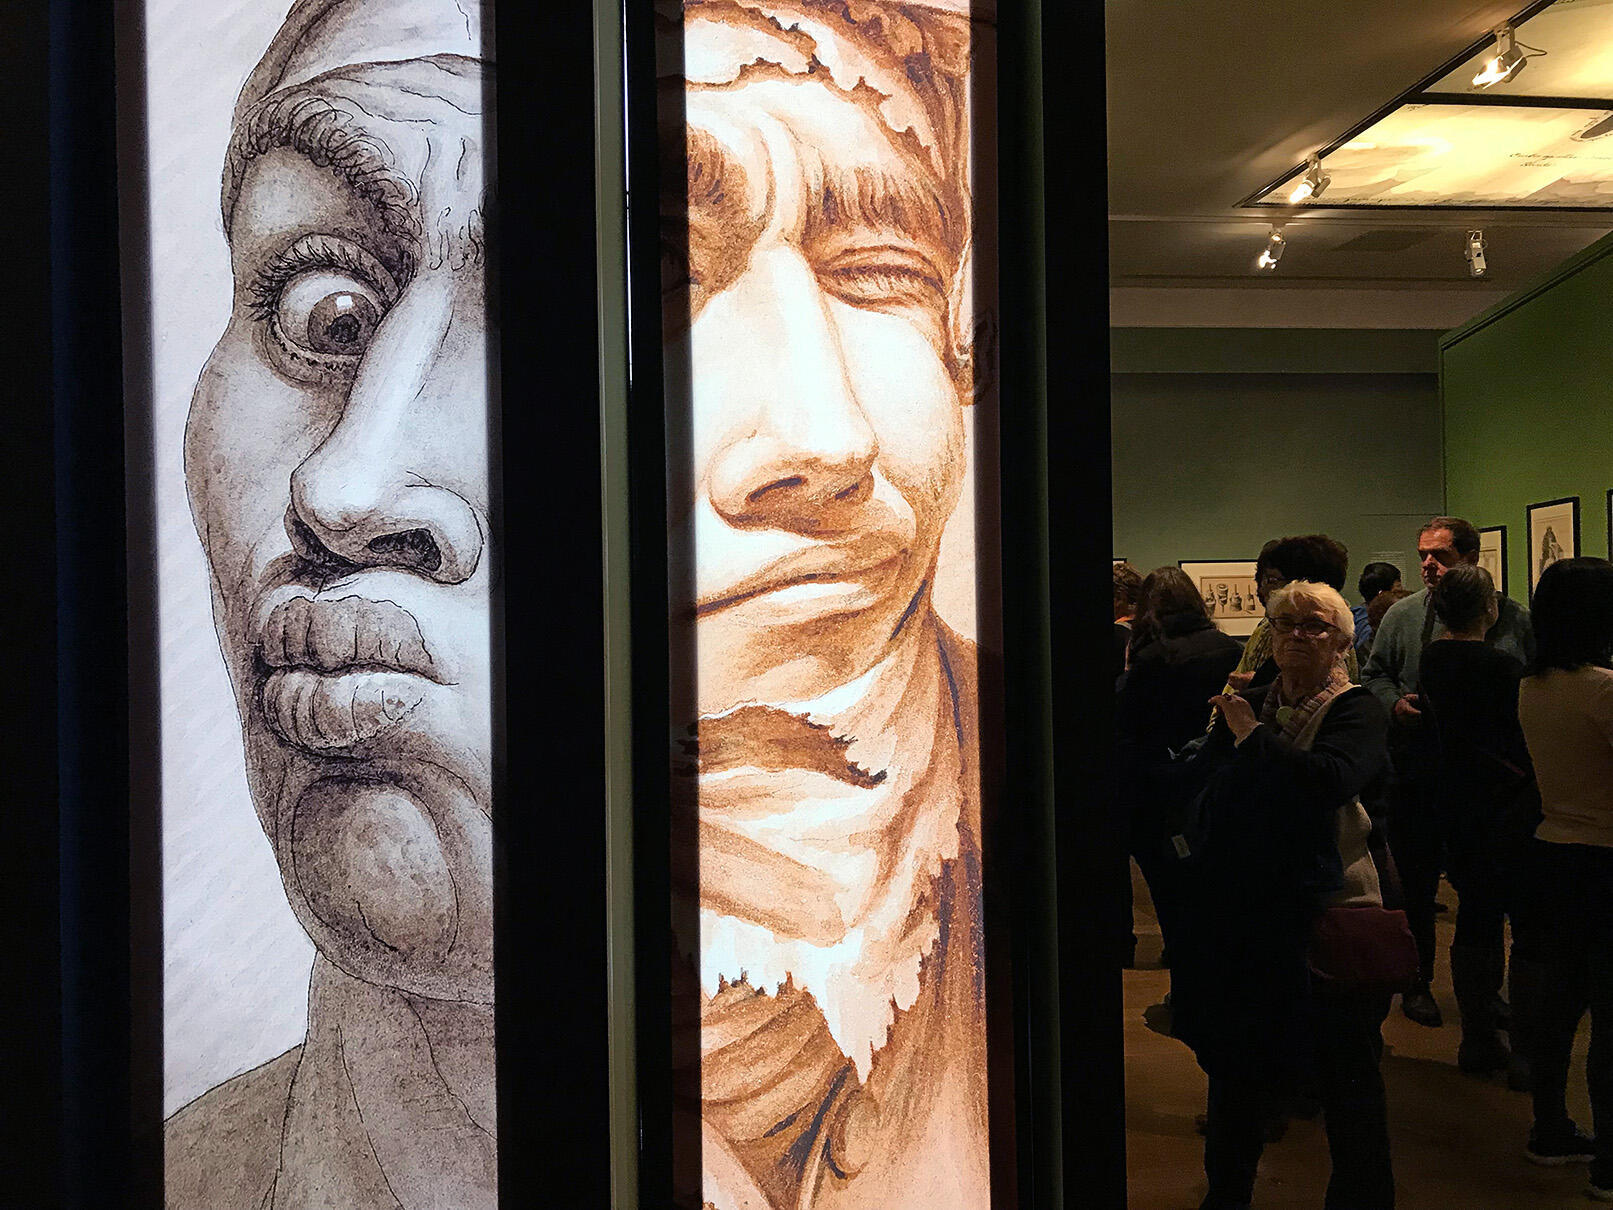 На выставке «Жан-Жак Лекё, зодчий фантазмов» в Малом дворце